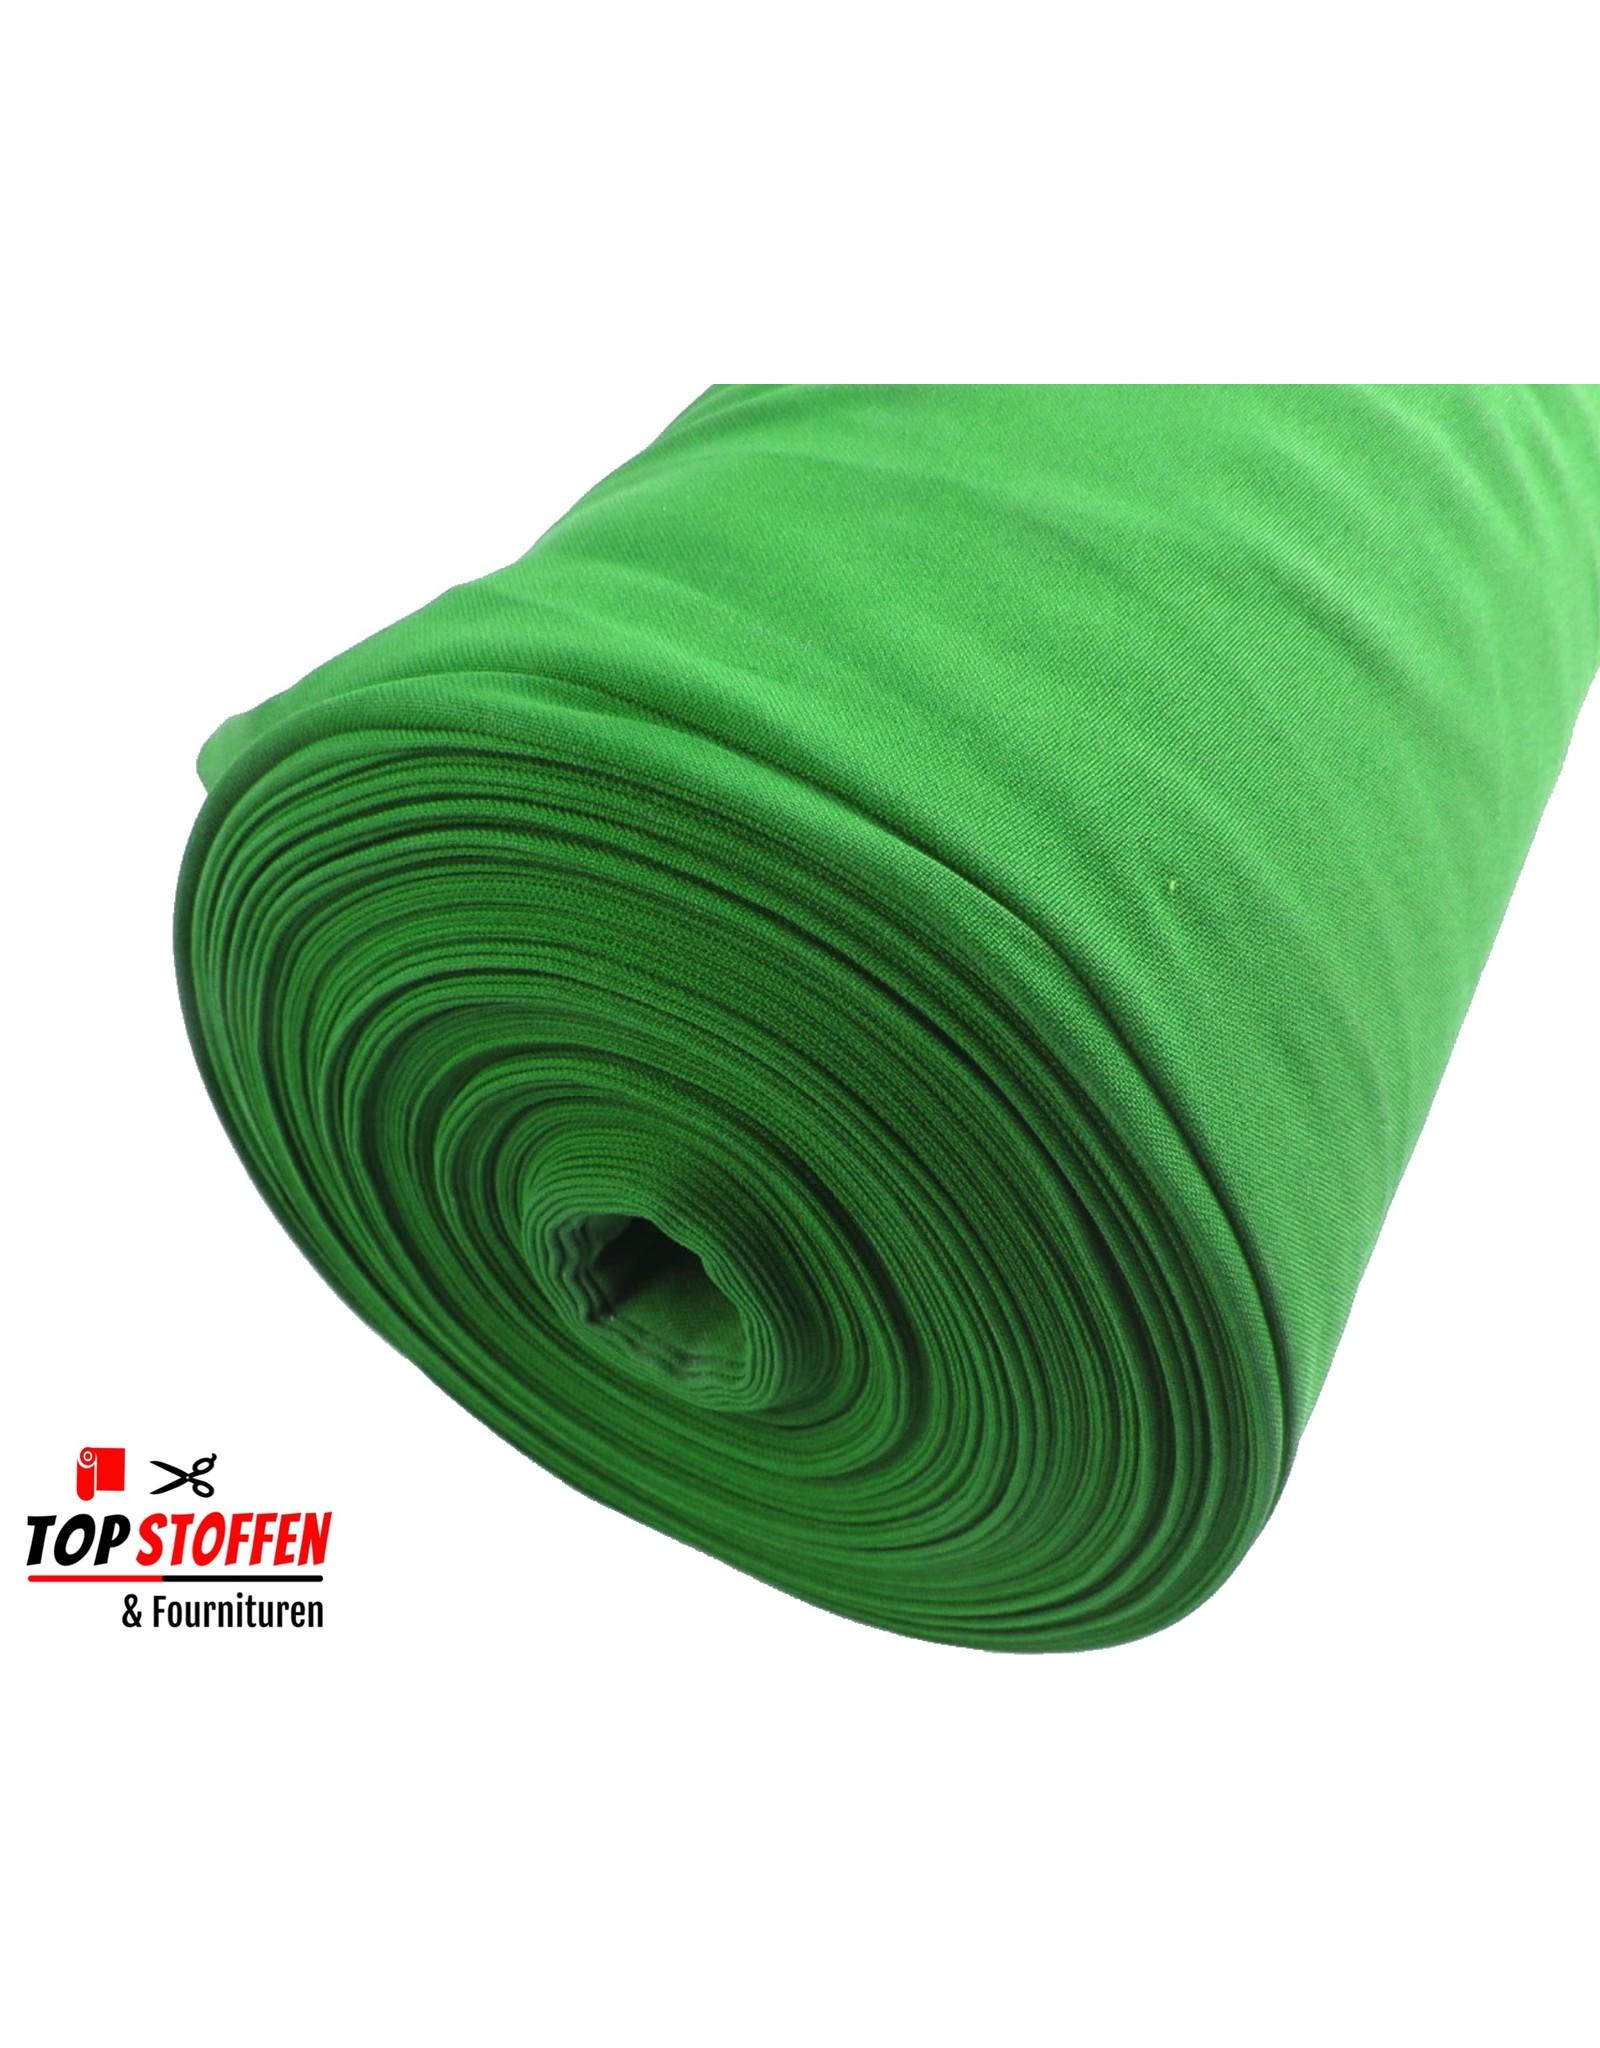 Allroundstof 280 cm - Groen